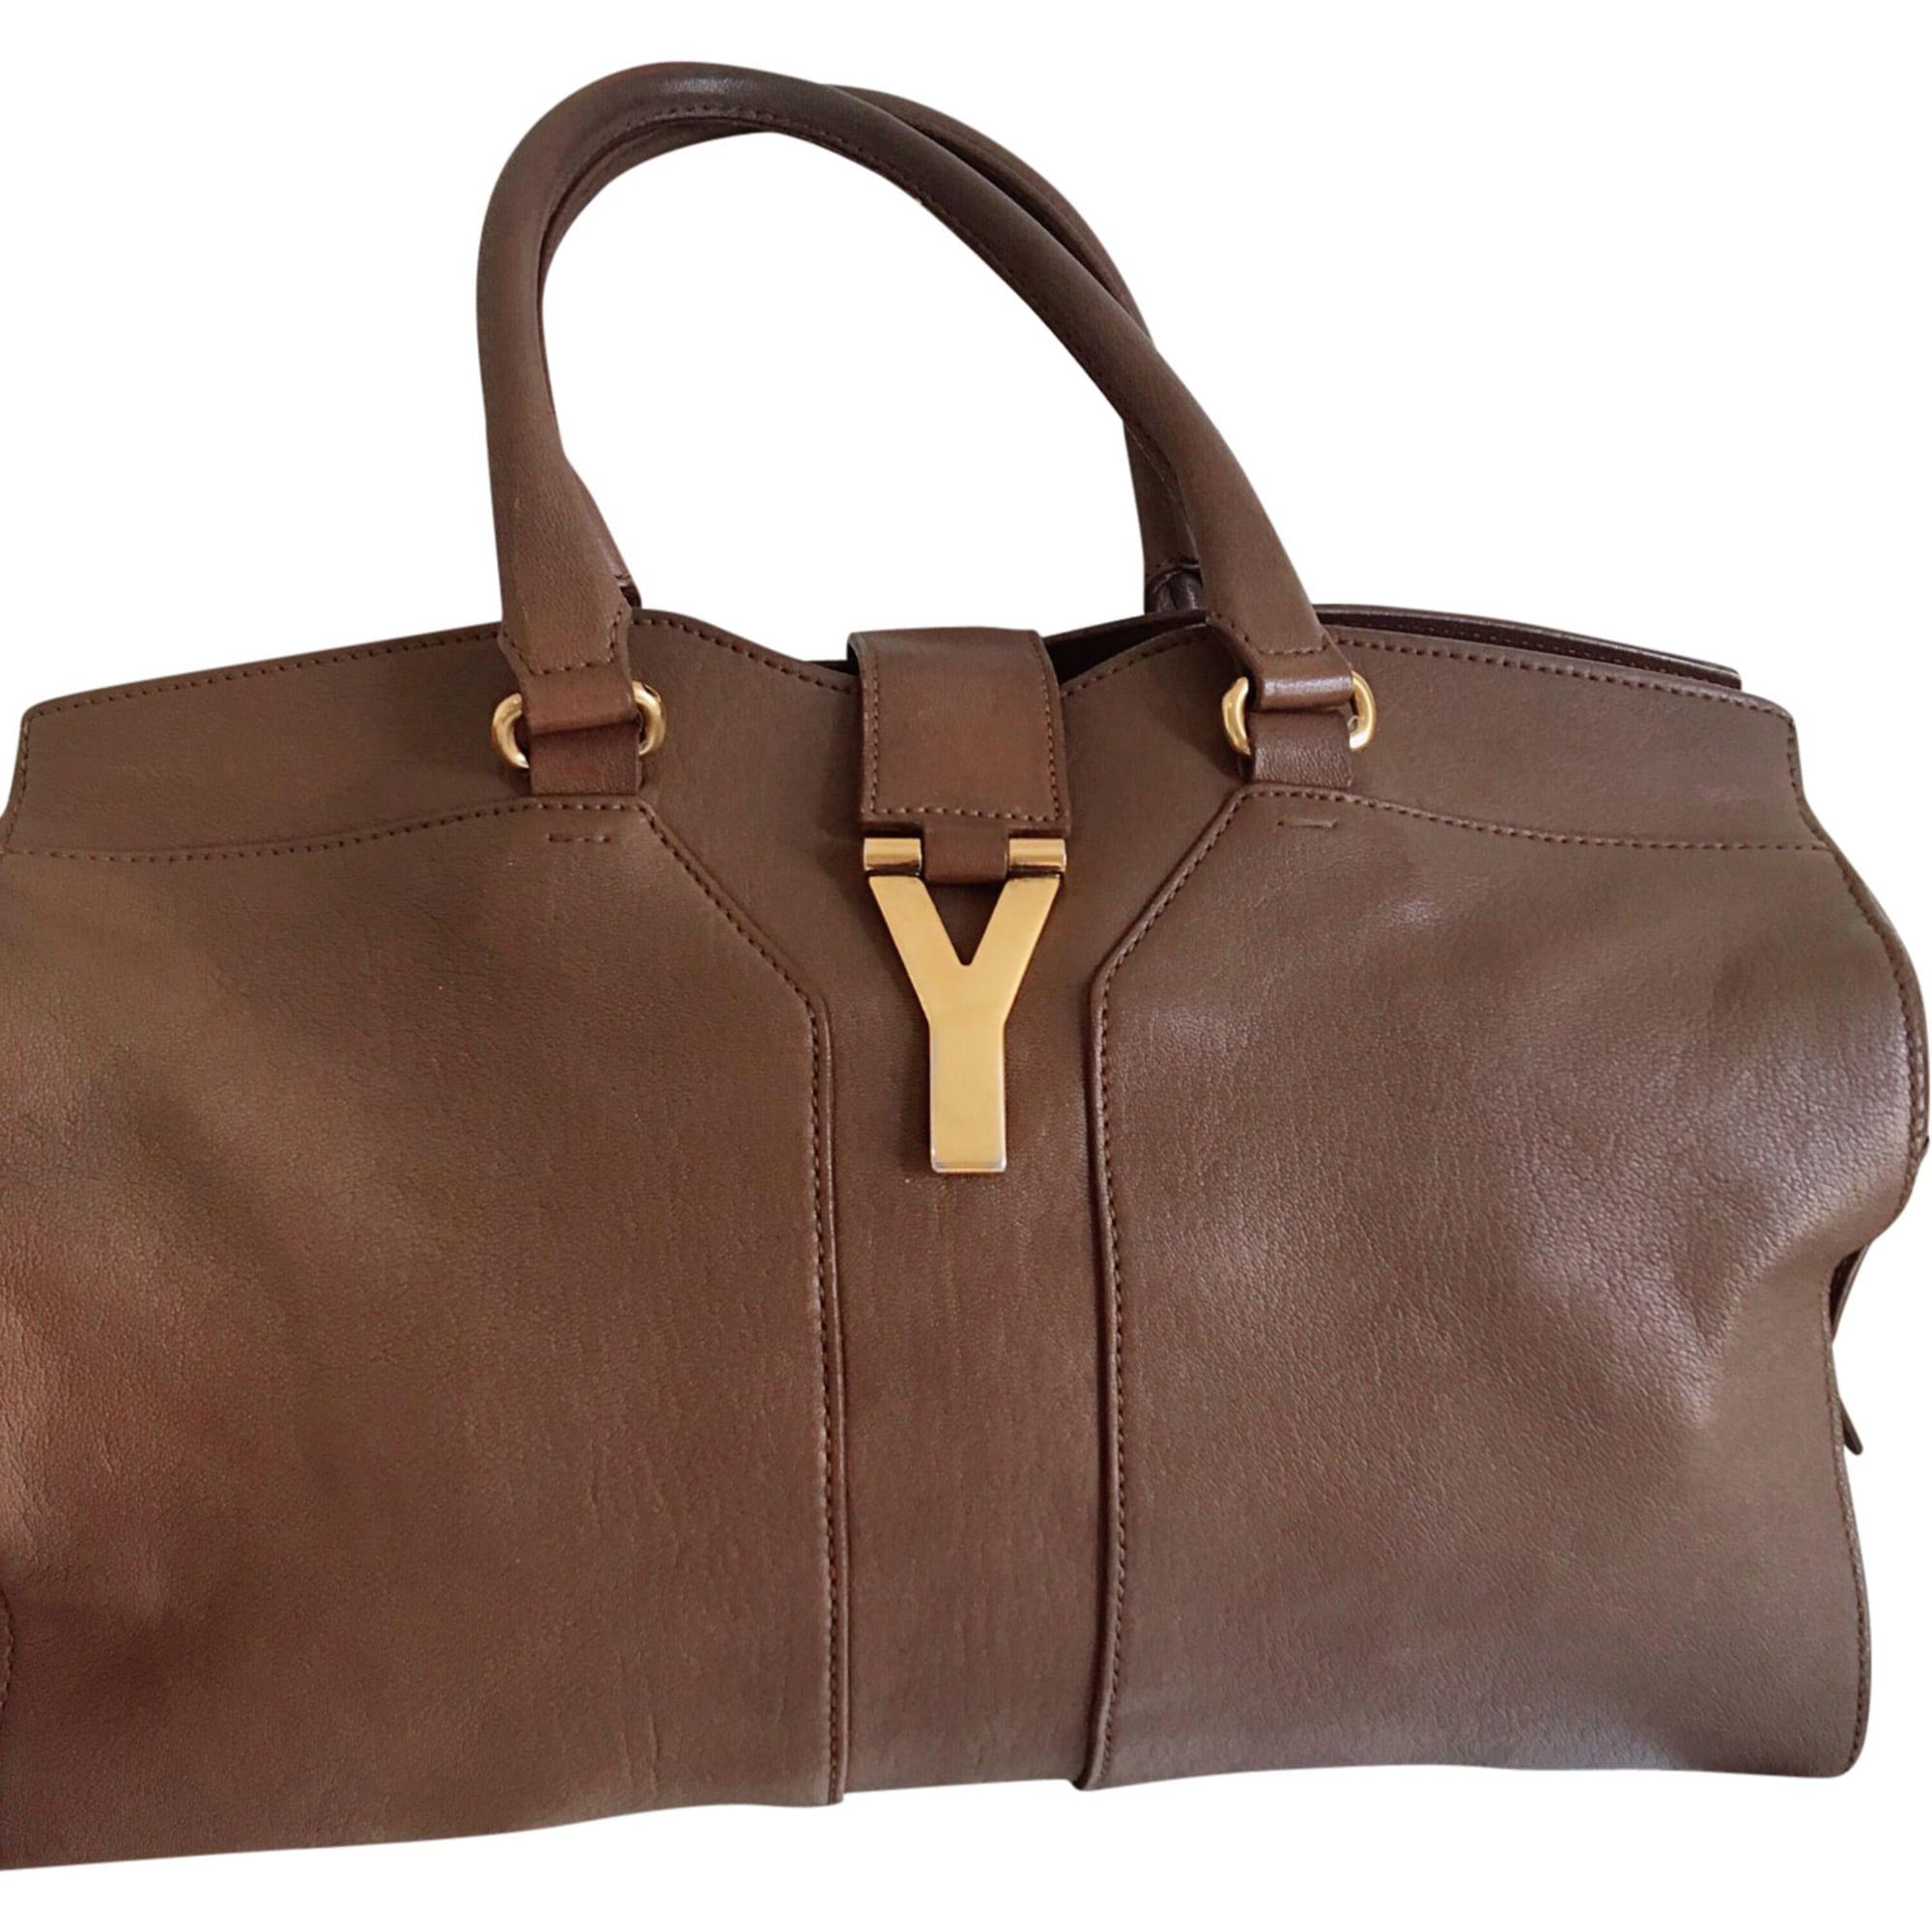 90ba9e382845 Sac à main en cuir YVES SAINT LAURENT chyc tan vendu par Anita 461 ...